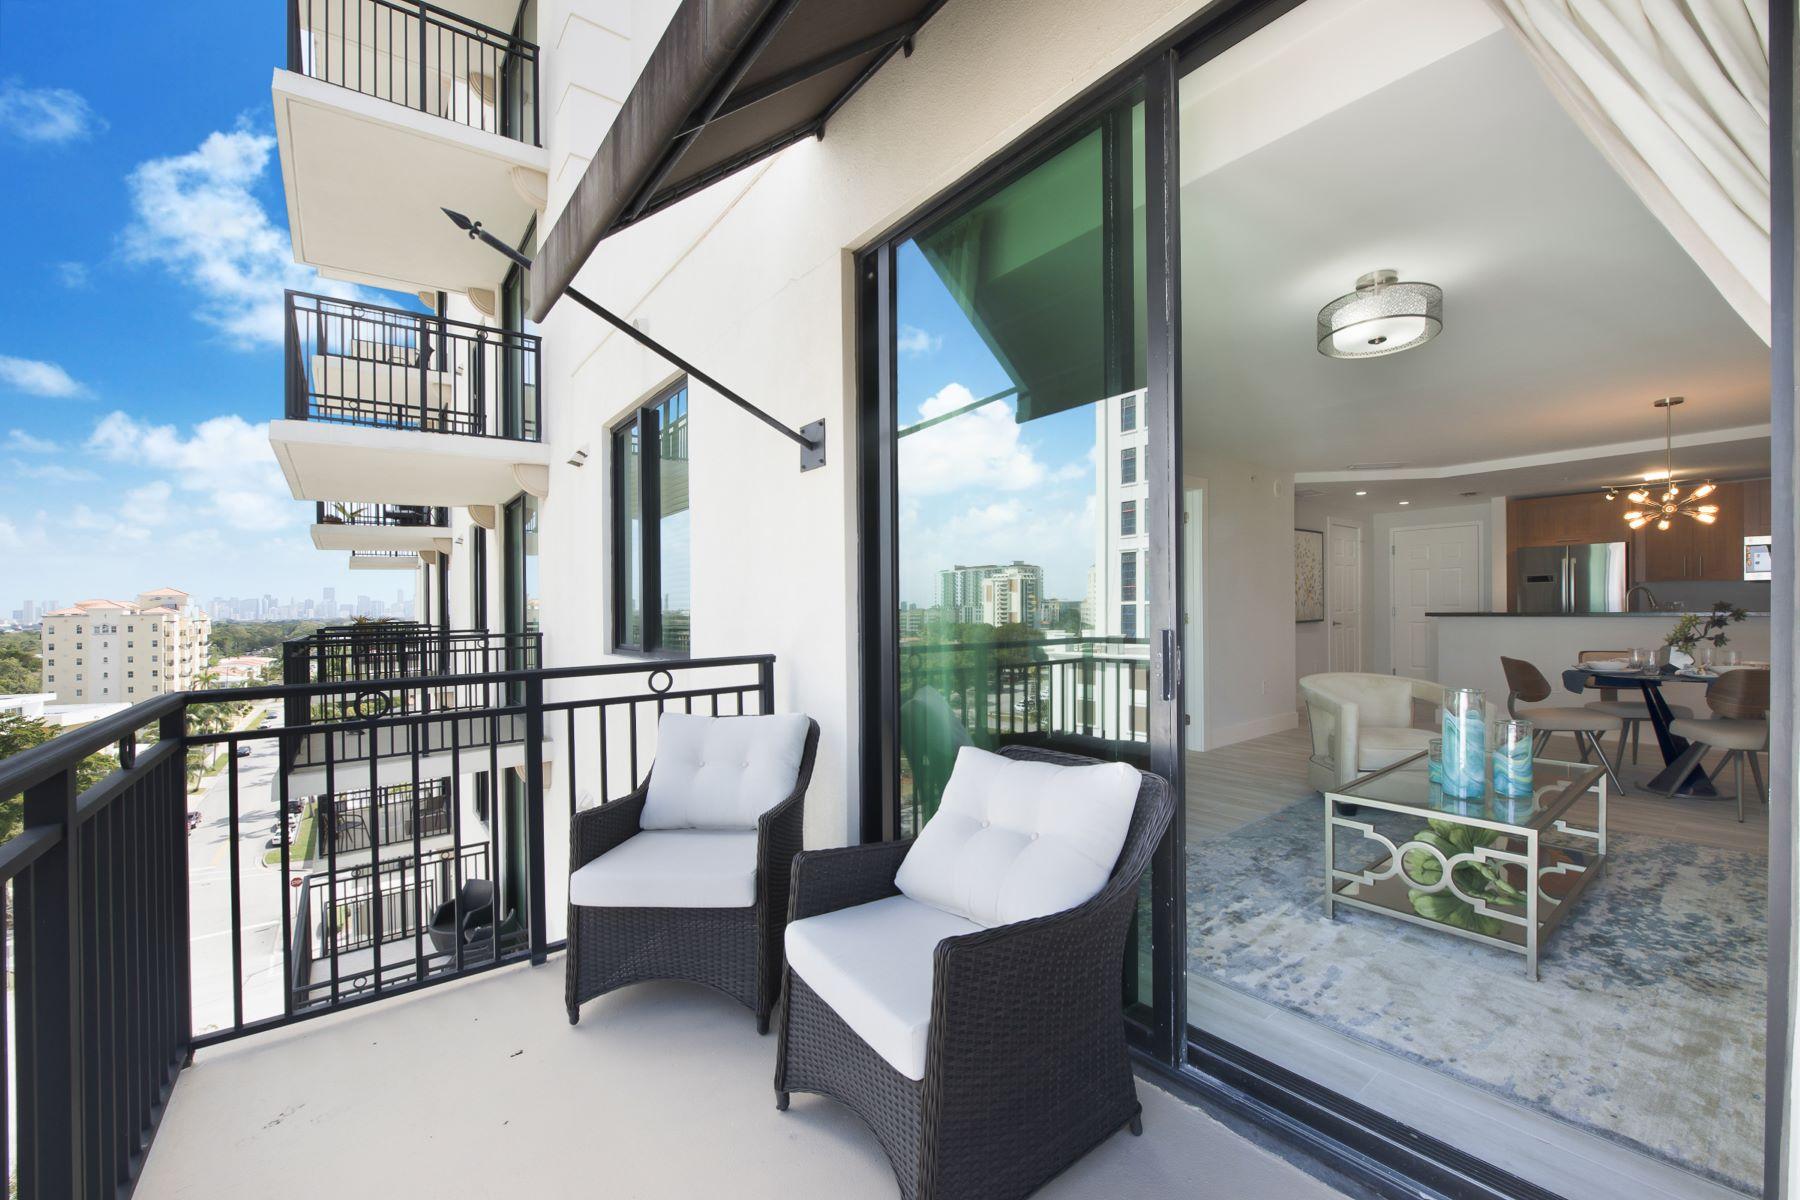 شقة بعمارة للـ Sale في 1300 Ponce De Leon Blvd 1300 Ponce De Leon Blvd 800, Coral Gables, Florida, 33134 United States